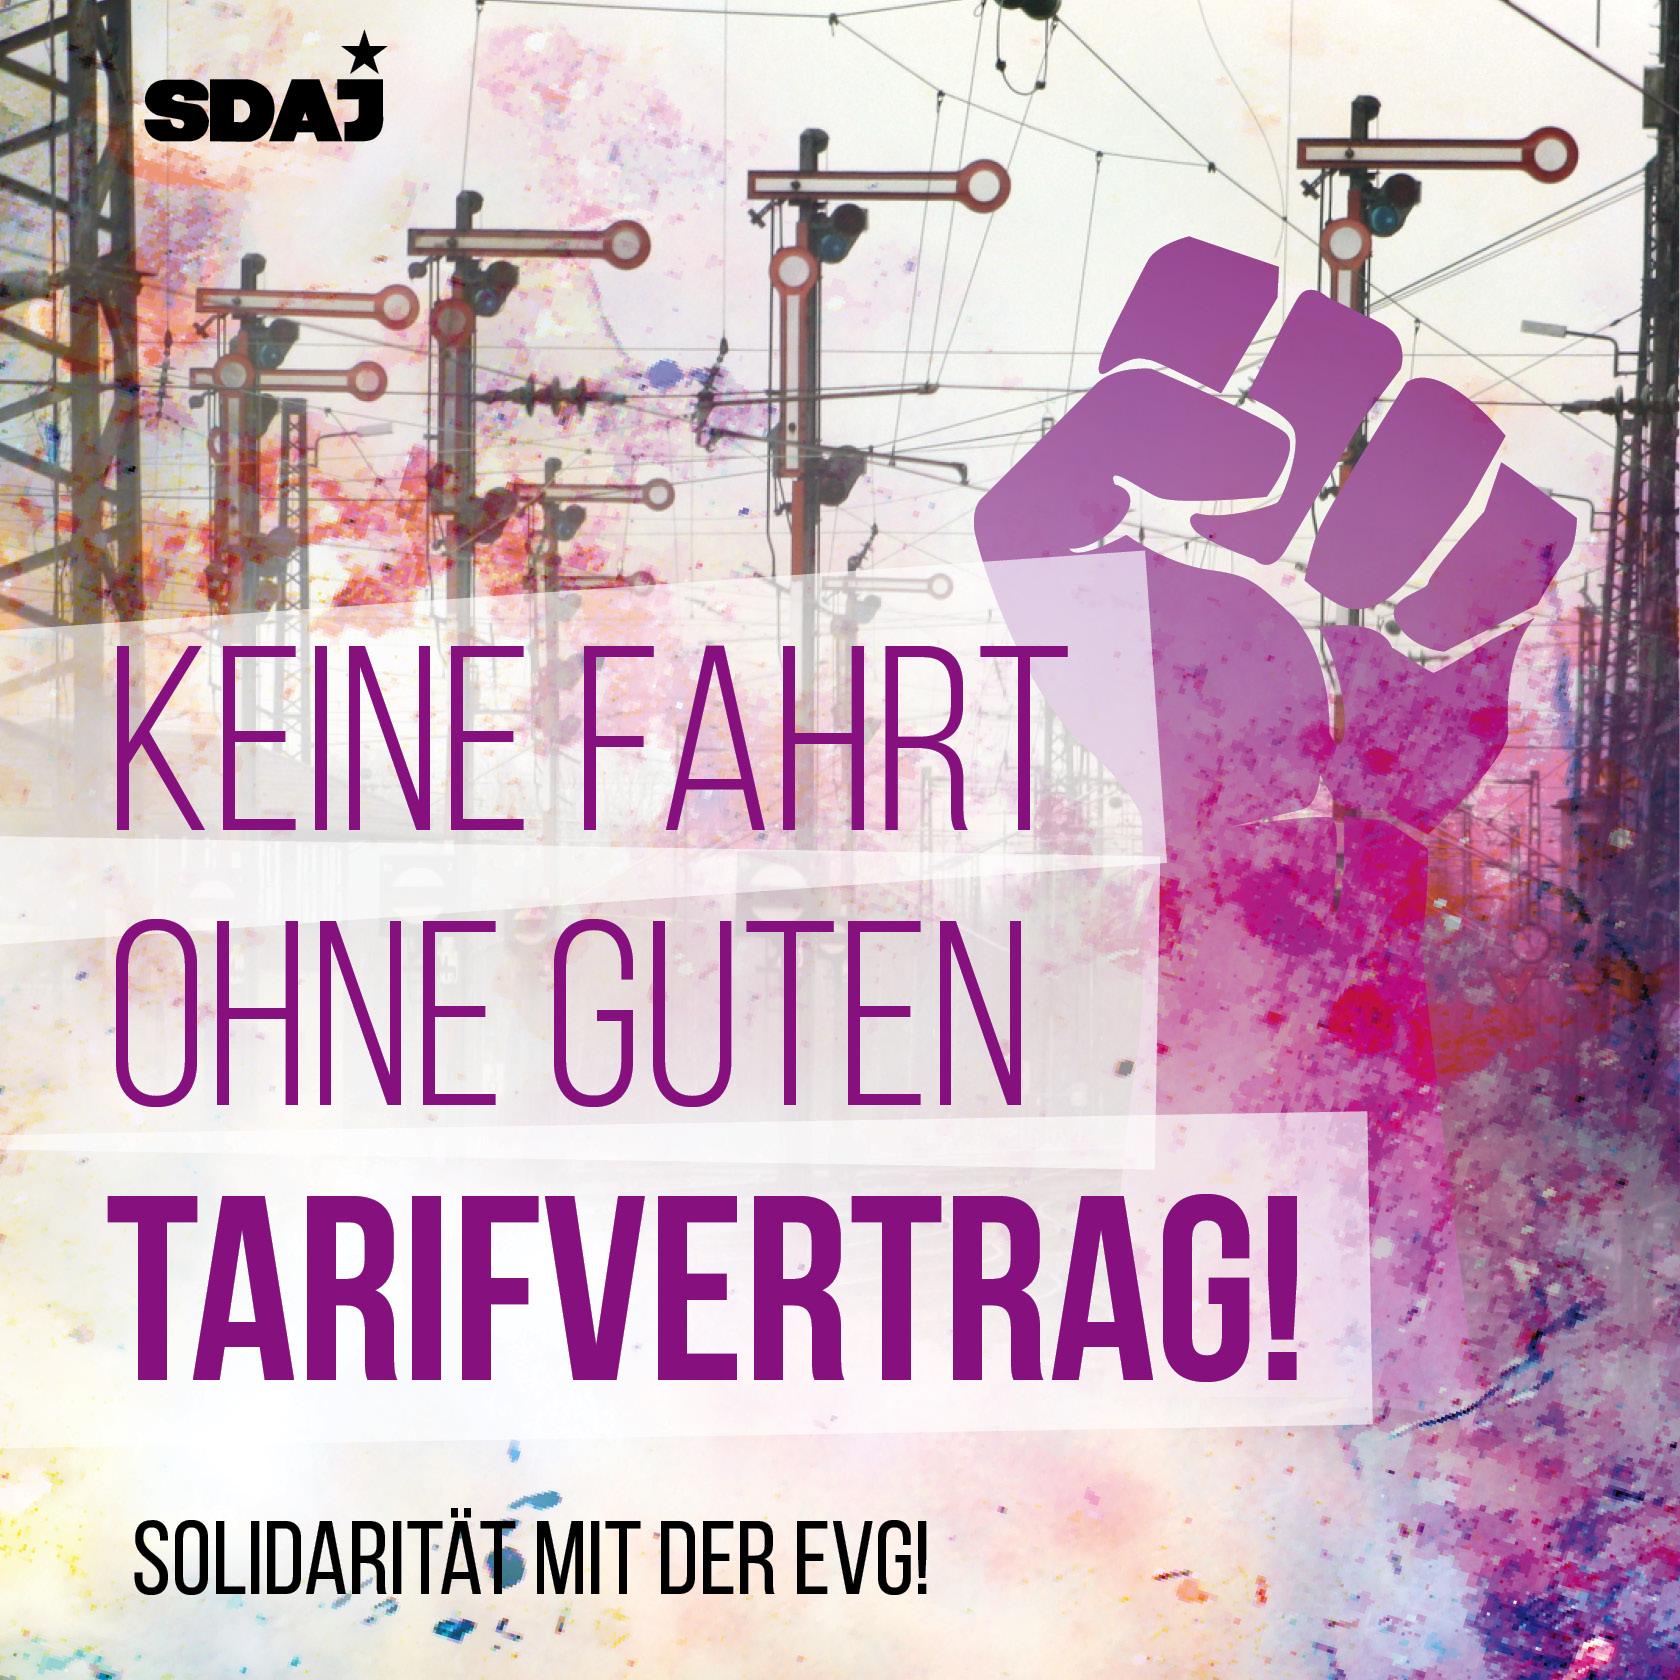 Solidarität mit der EVG!